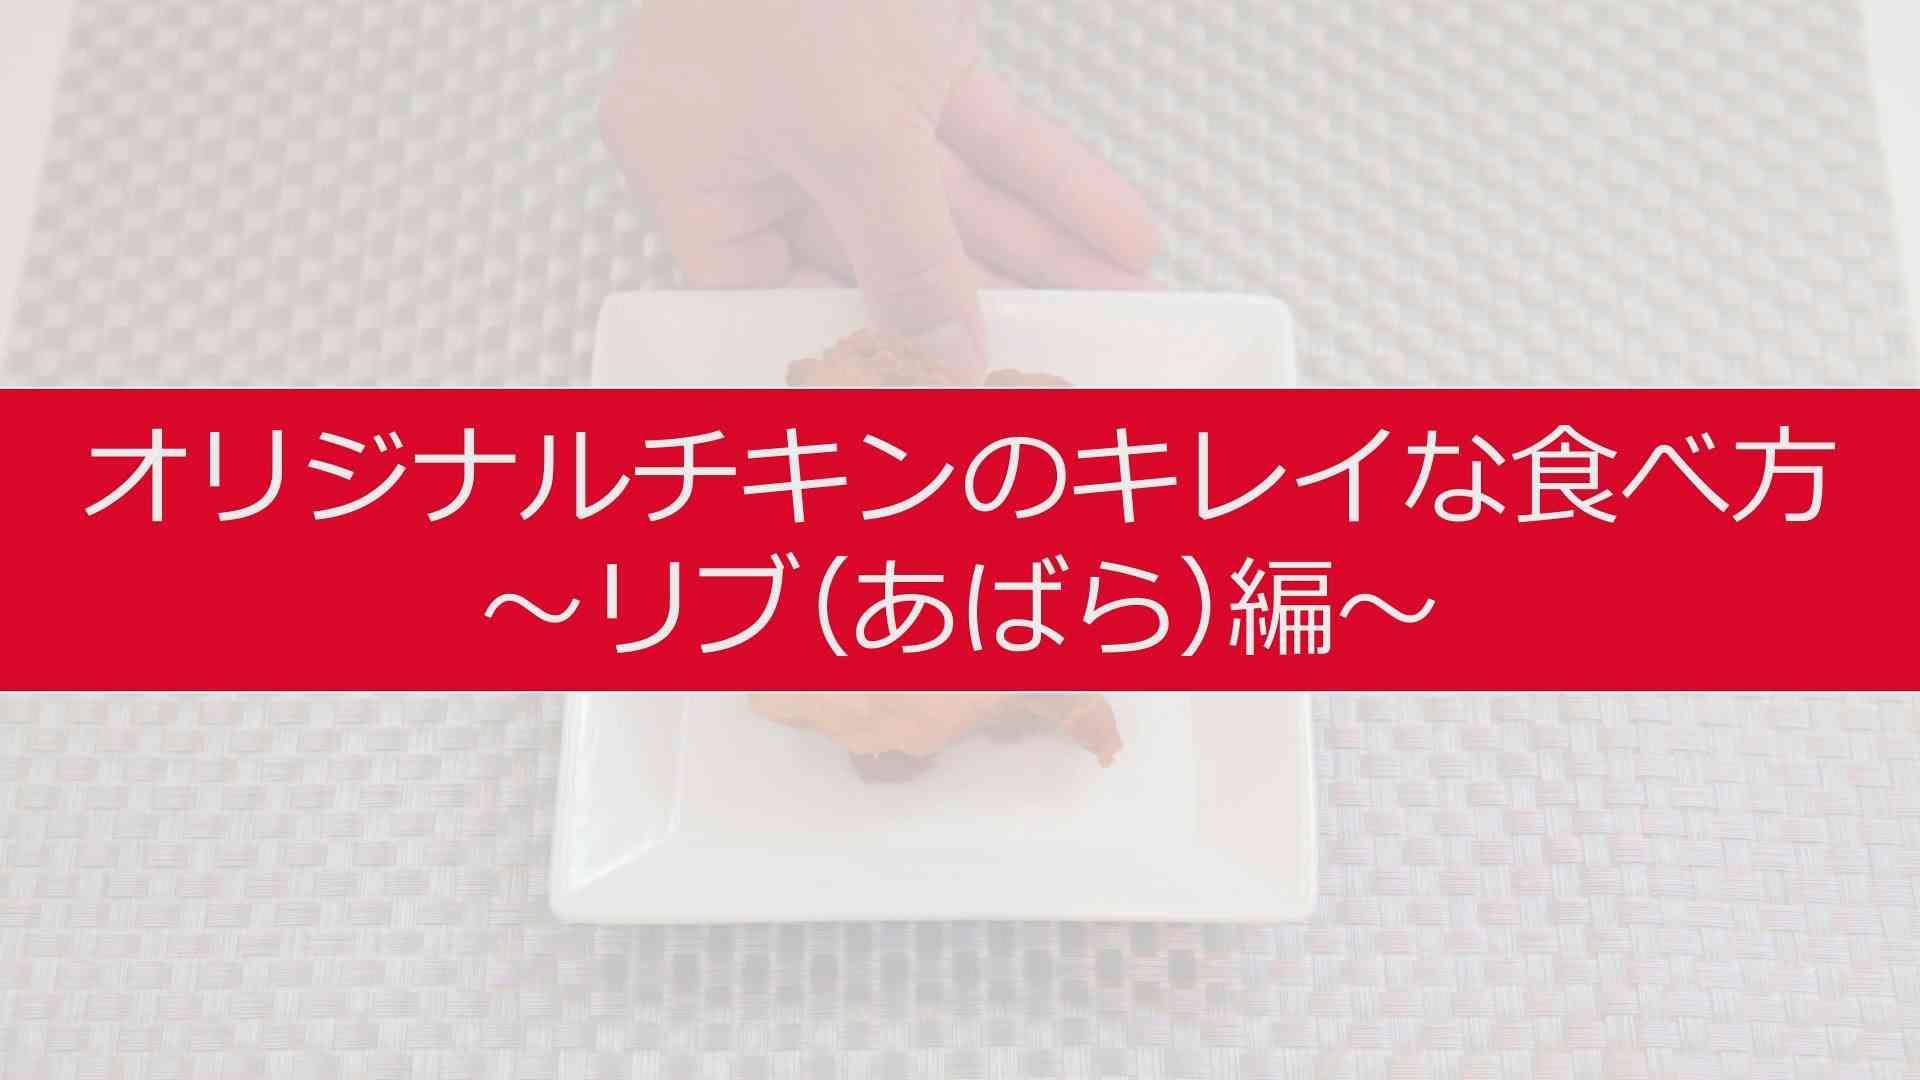 【公式】ORマイスターが教えるオリジナルチキンのキレイな食べ方(リブ編)|KFC - YouTube